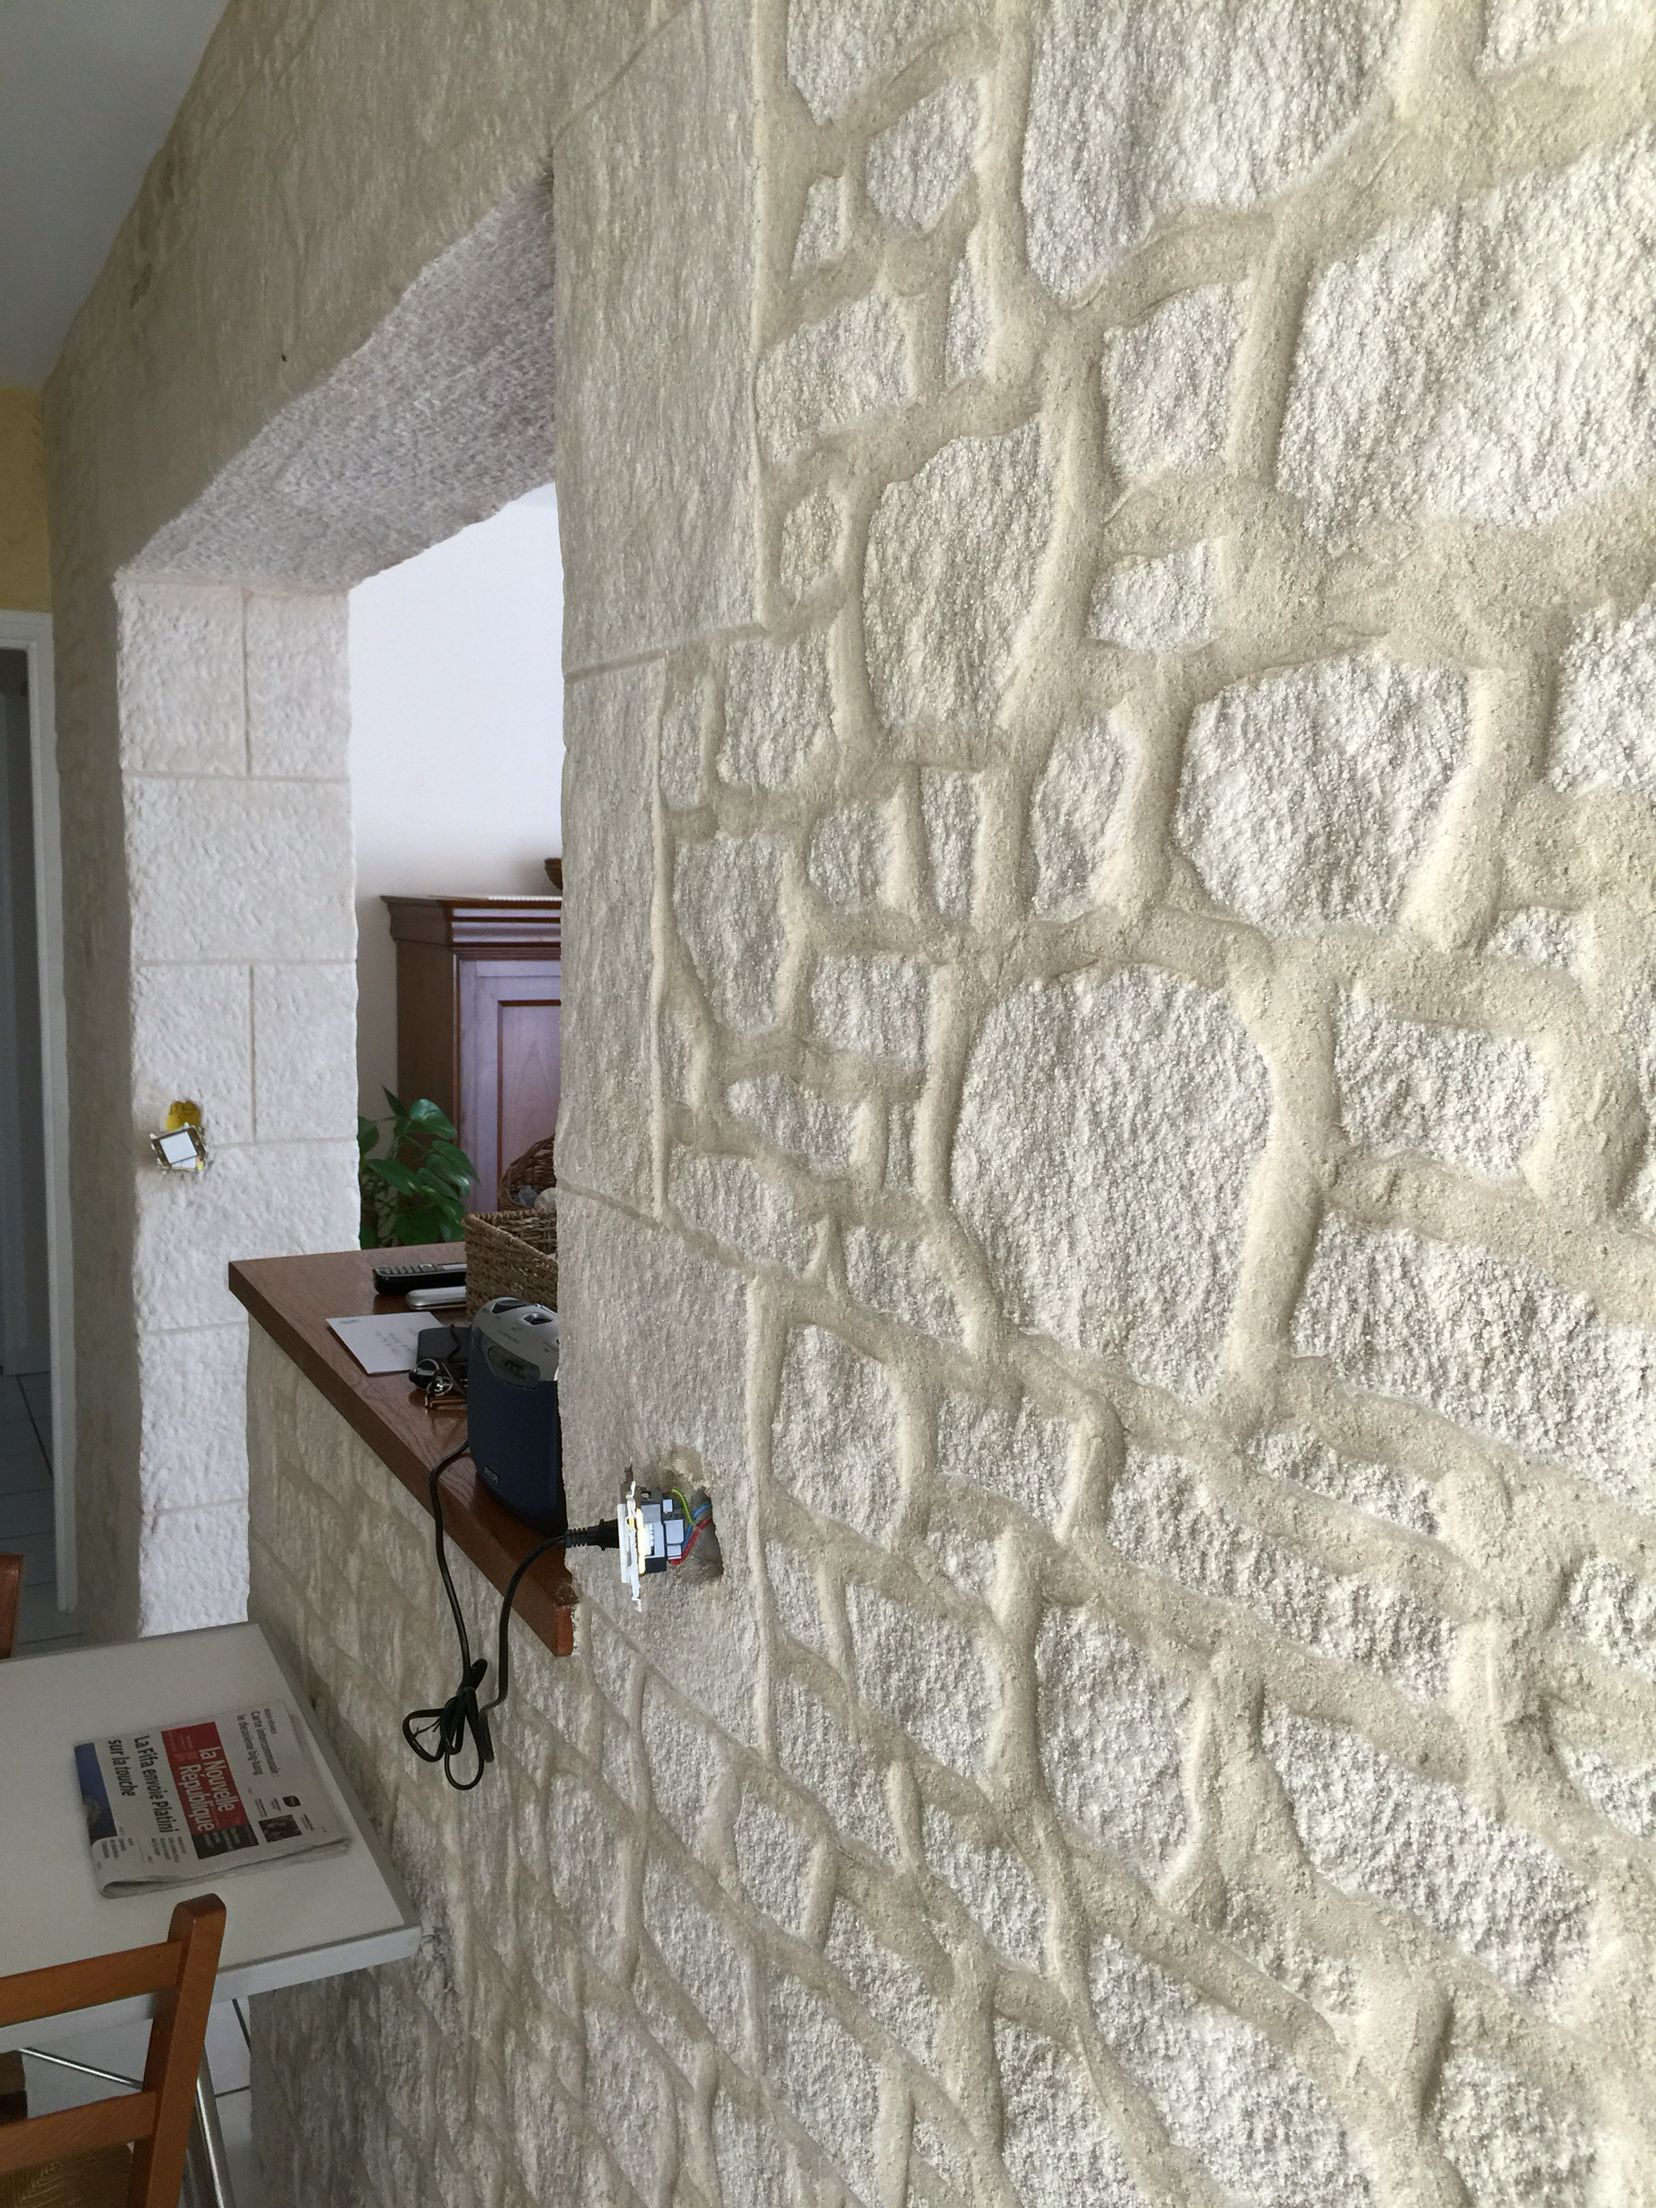 Fausse Pierre Deco Interieure En Enduit Sculpte Parement Mural Interieur Deco Mur Parement Pierre Interieur